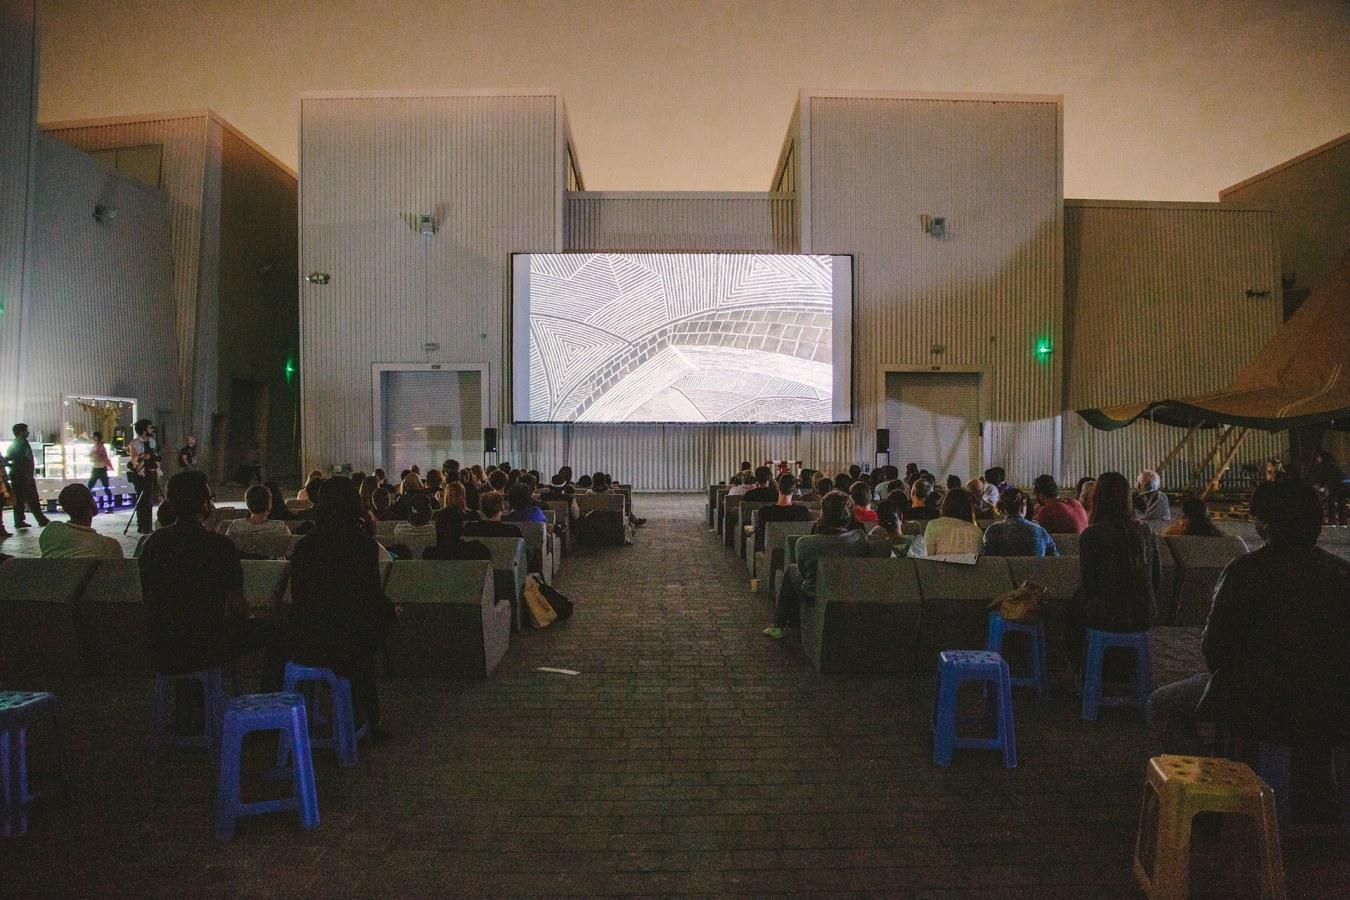 Bayut.com Recommends Cinema Akil Outdoor Cinema at Alserkal Avenue